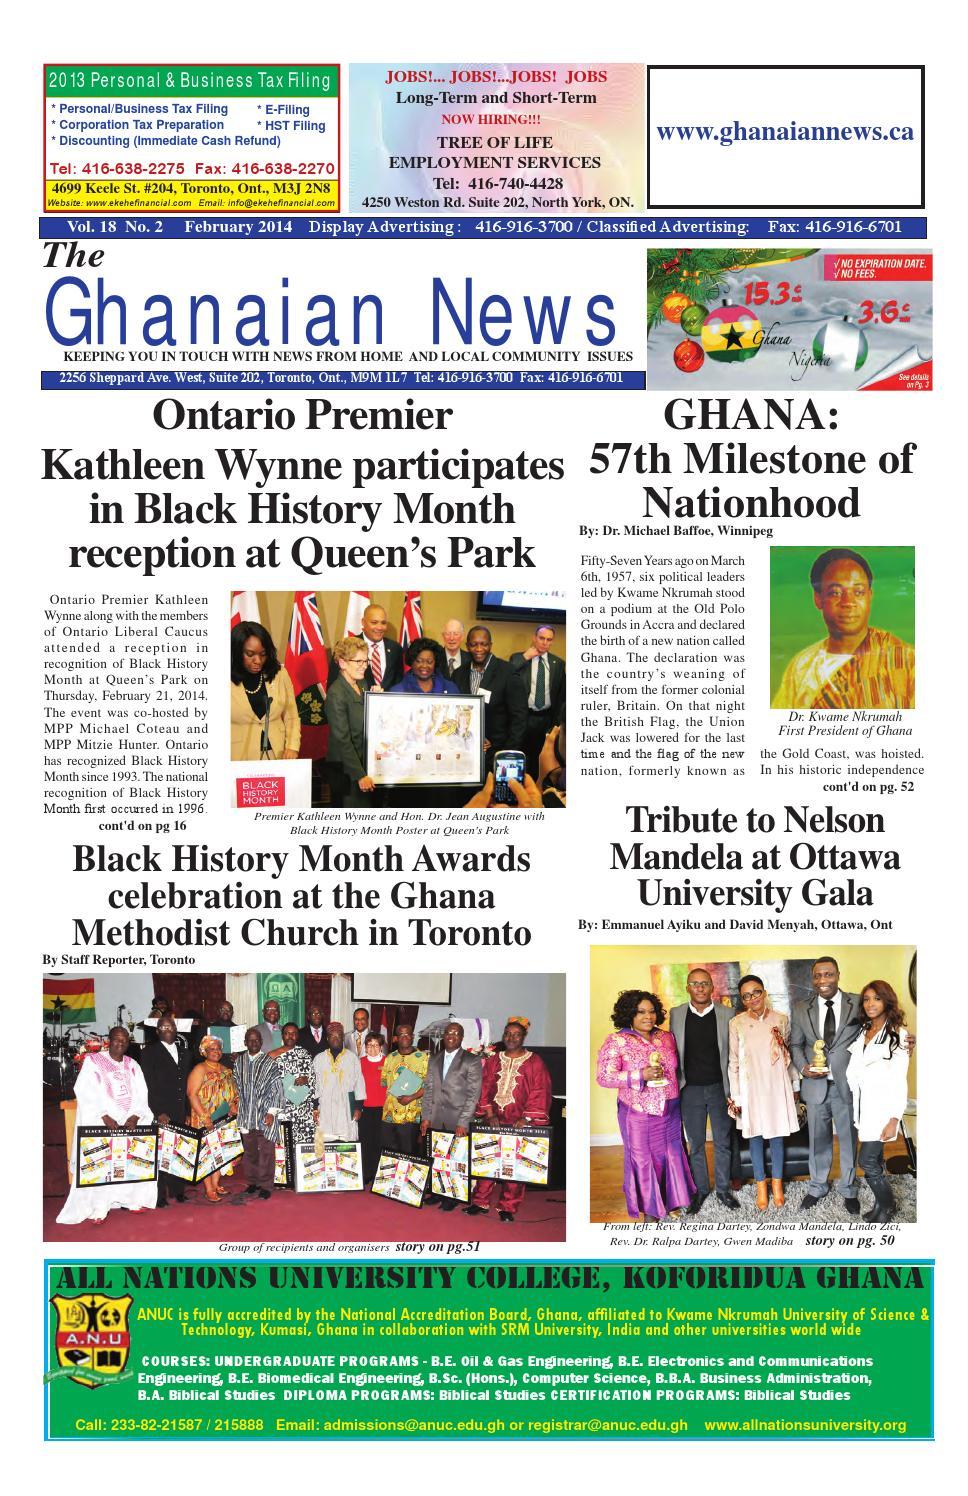 Superb Ghanaian News February 2014 Edition By Emmanuel Ayiku   Issuu